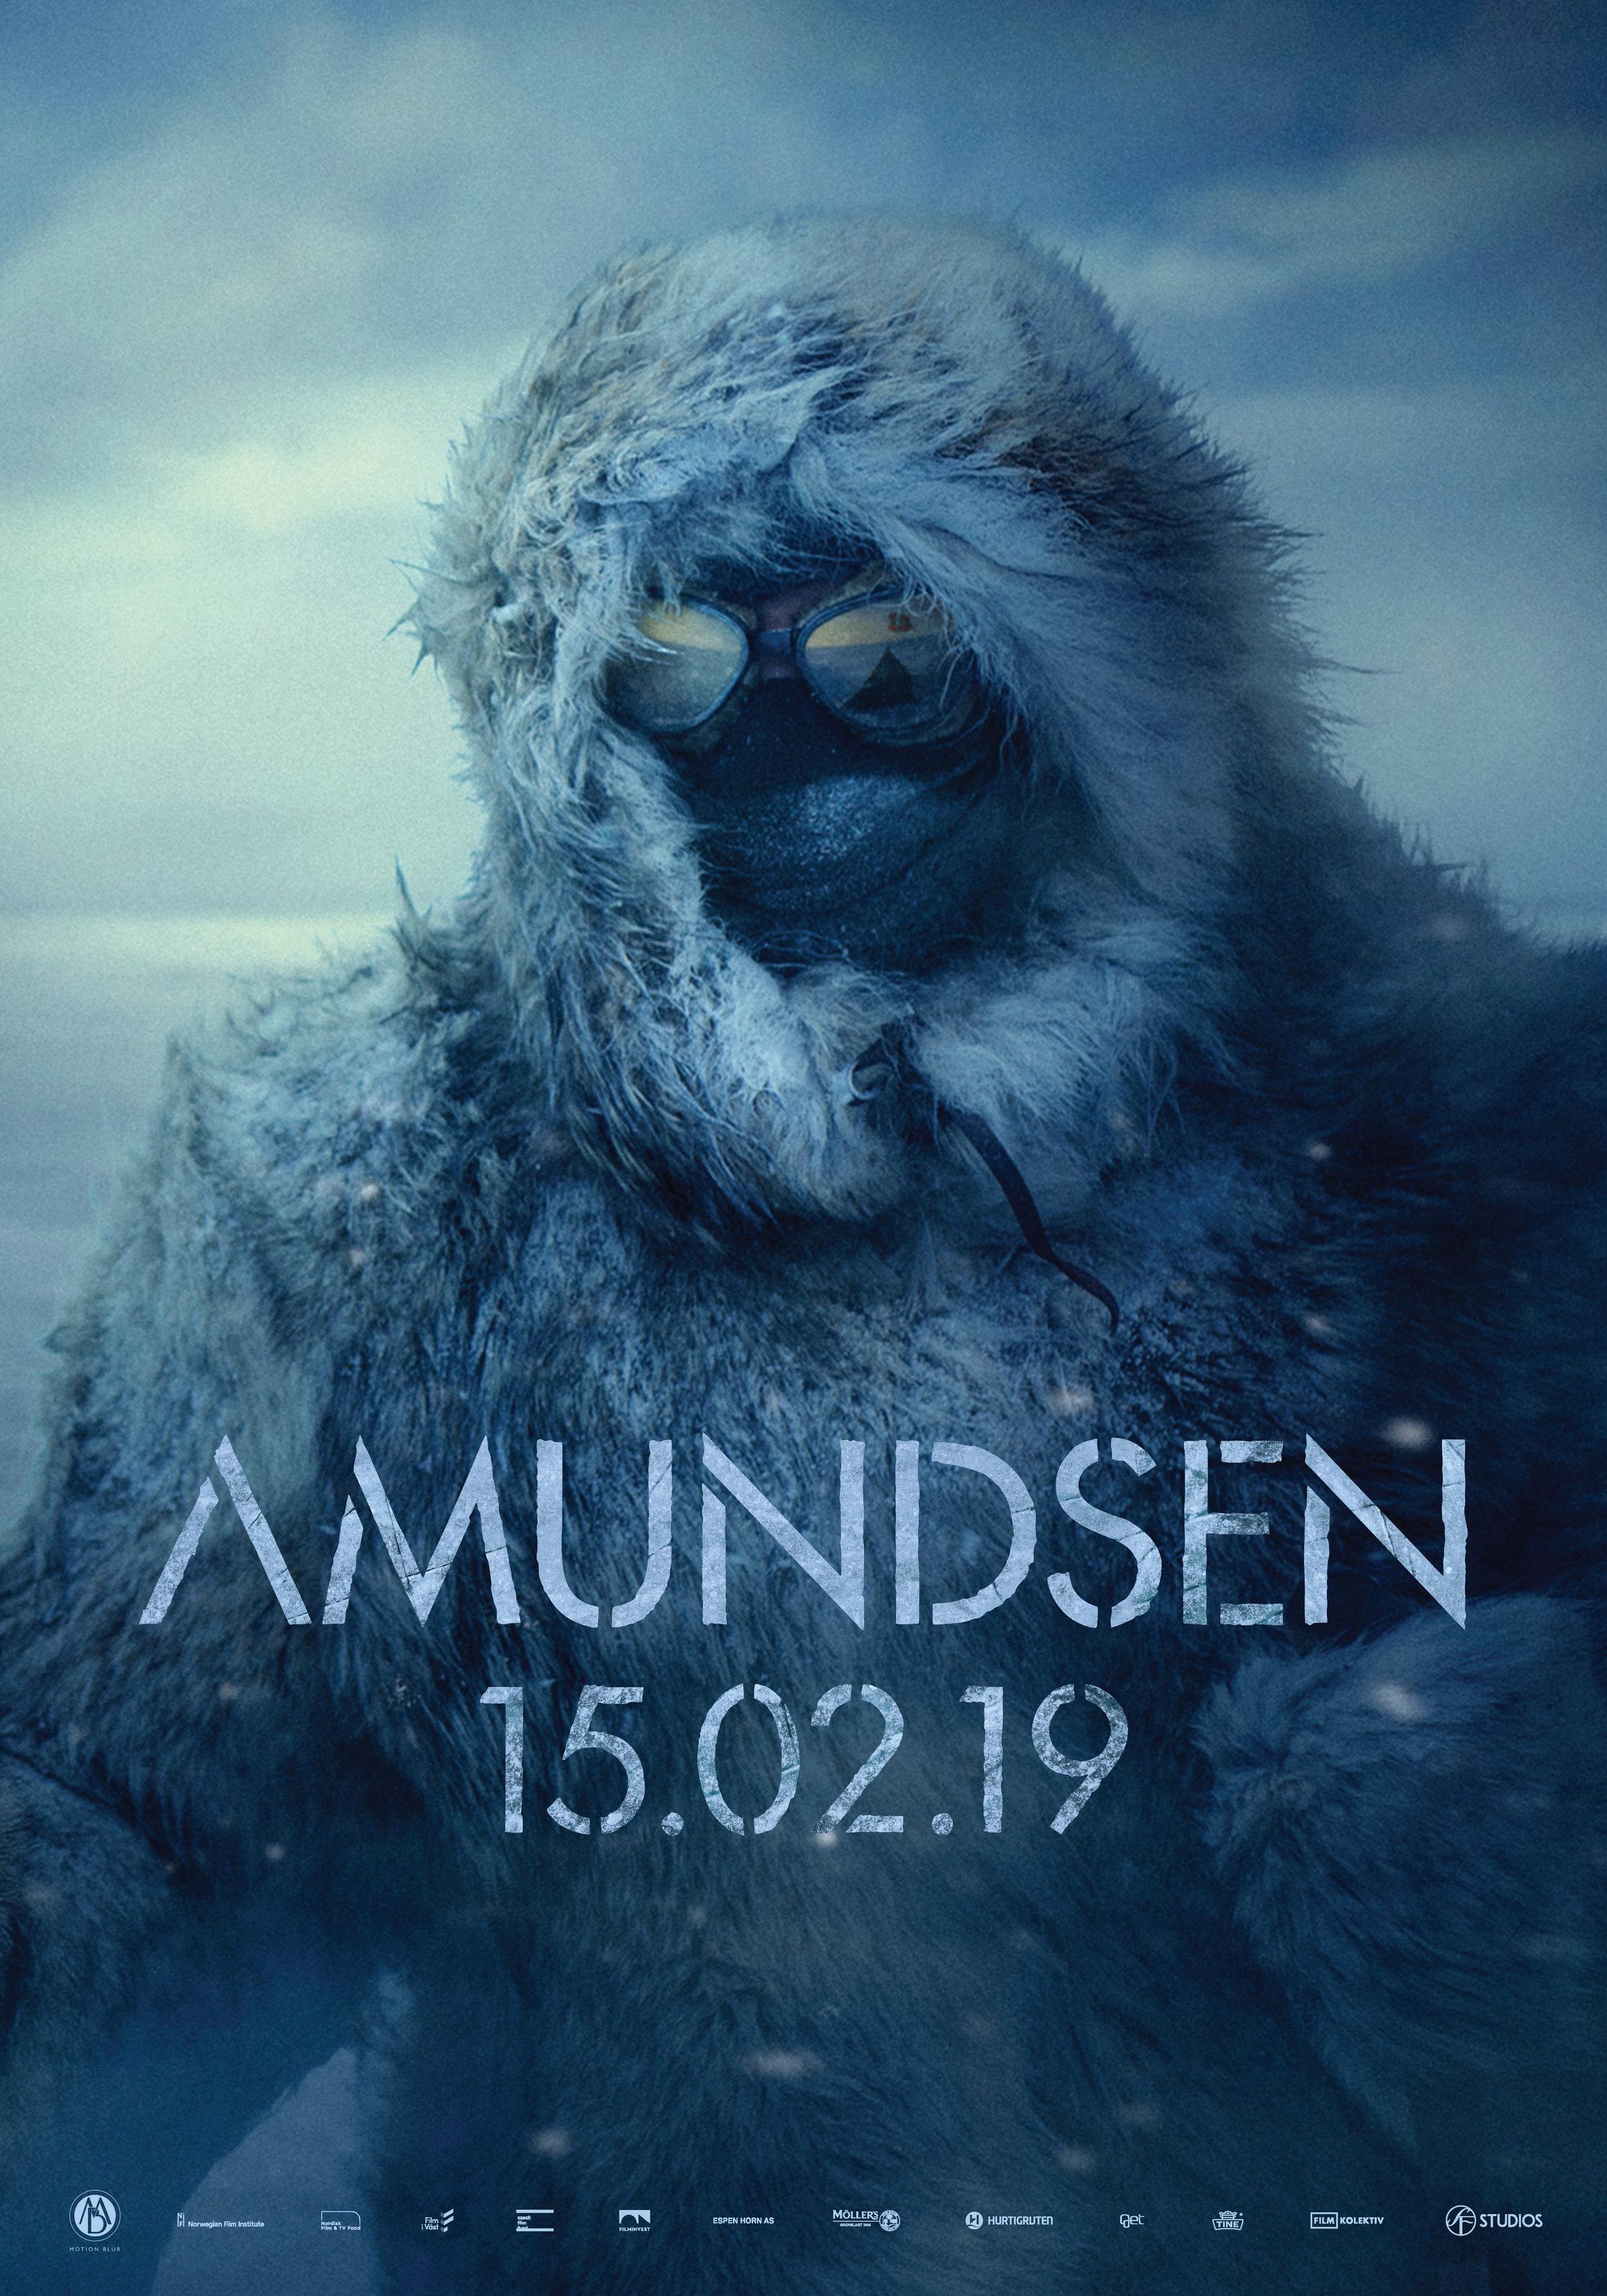 Amundsen_teaserposter01_Page_1.jpg